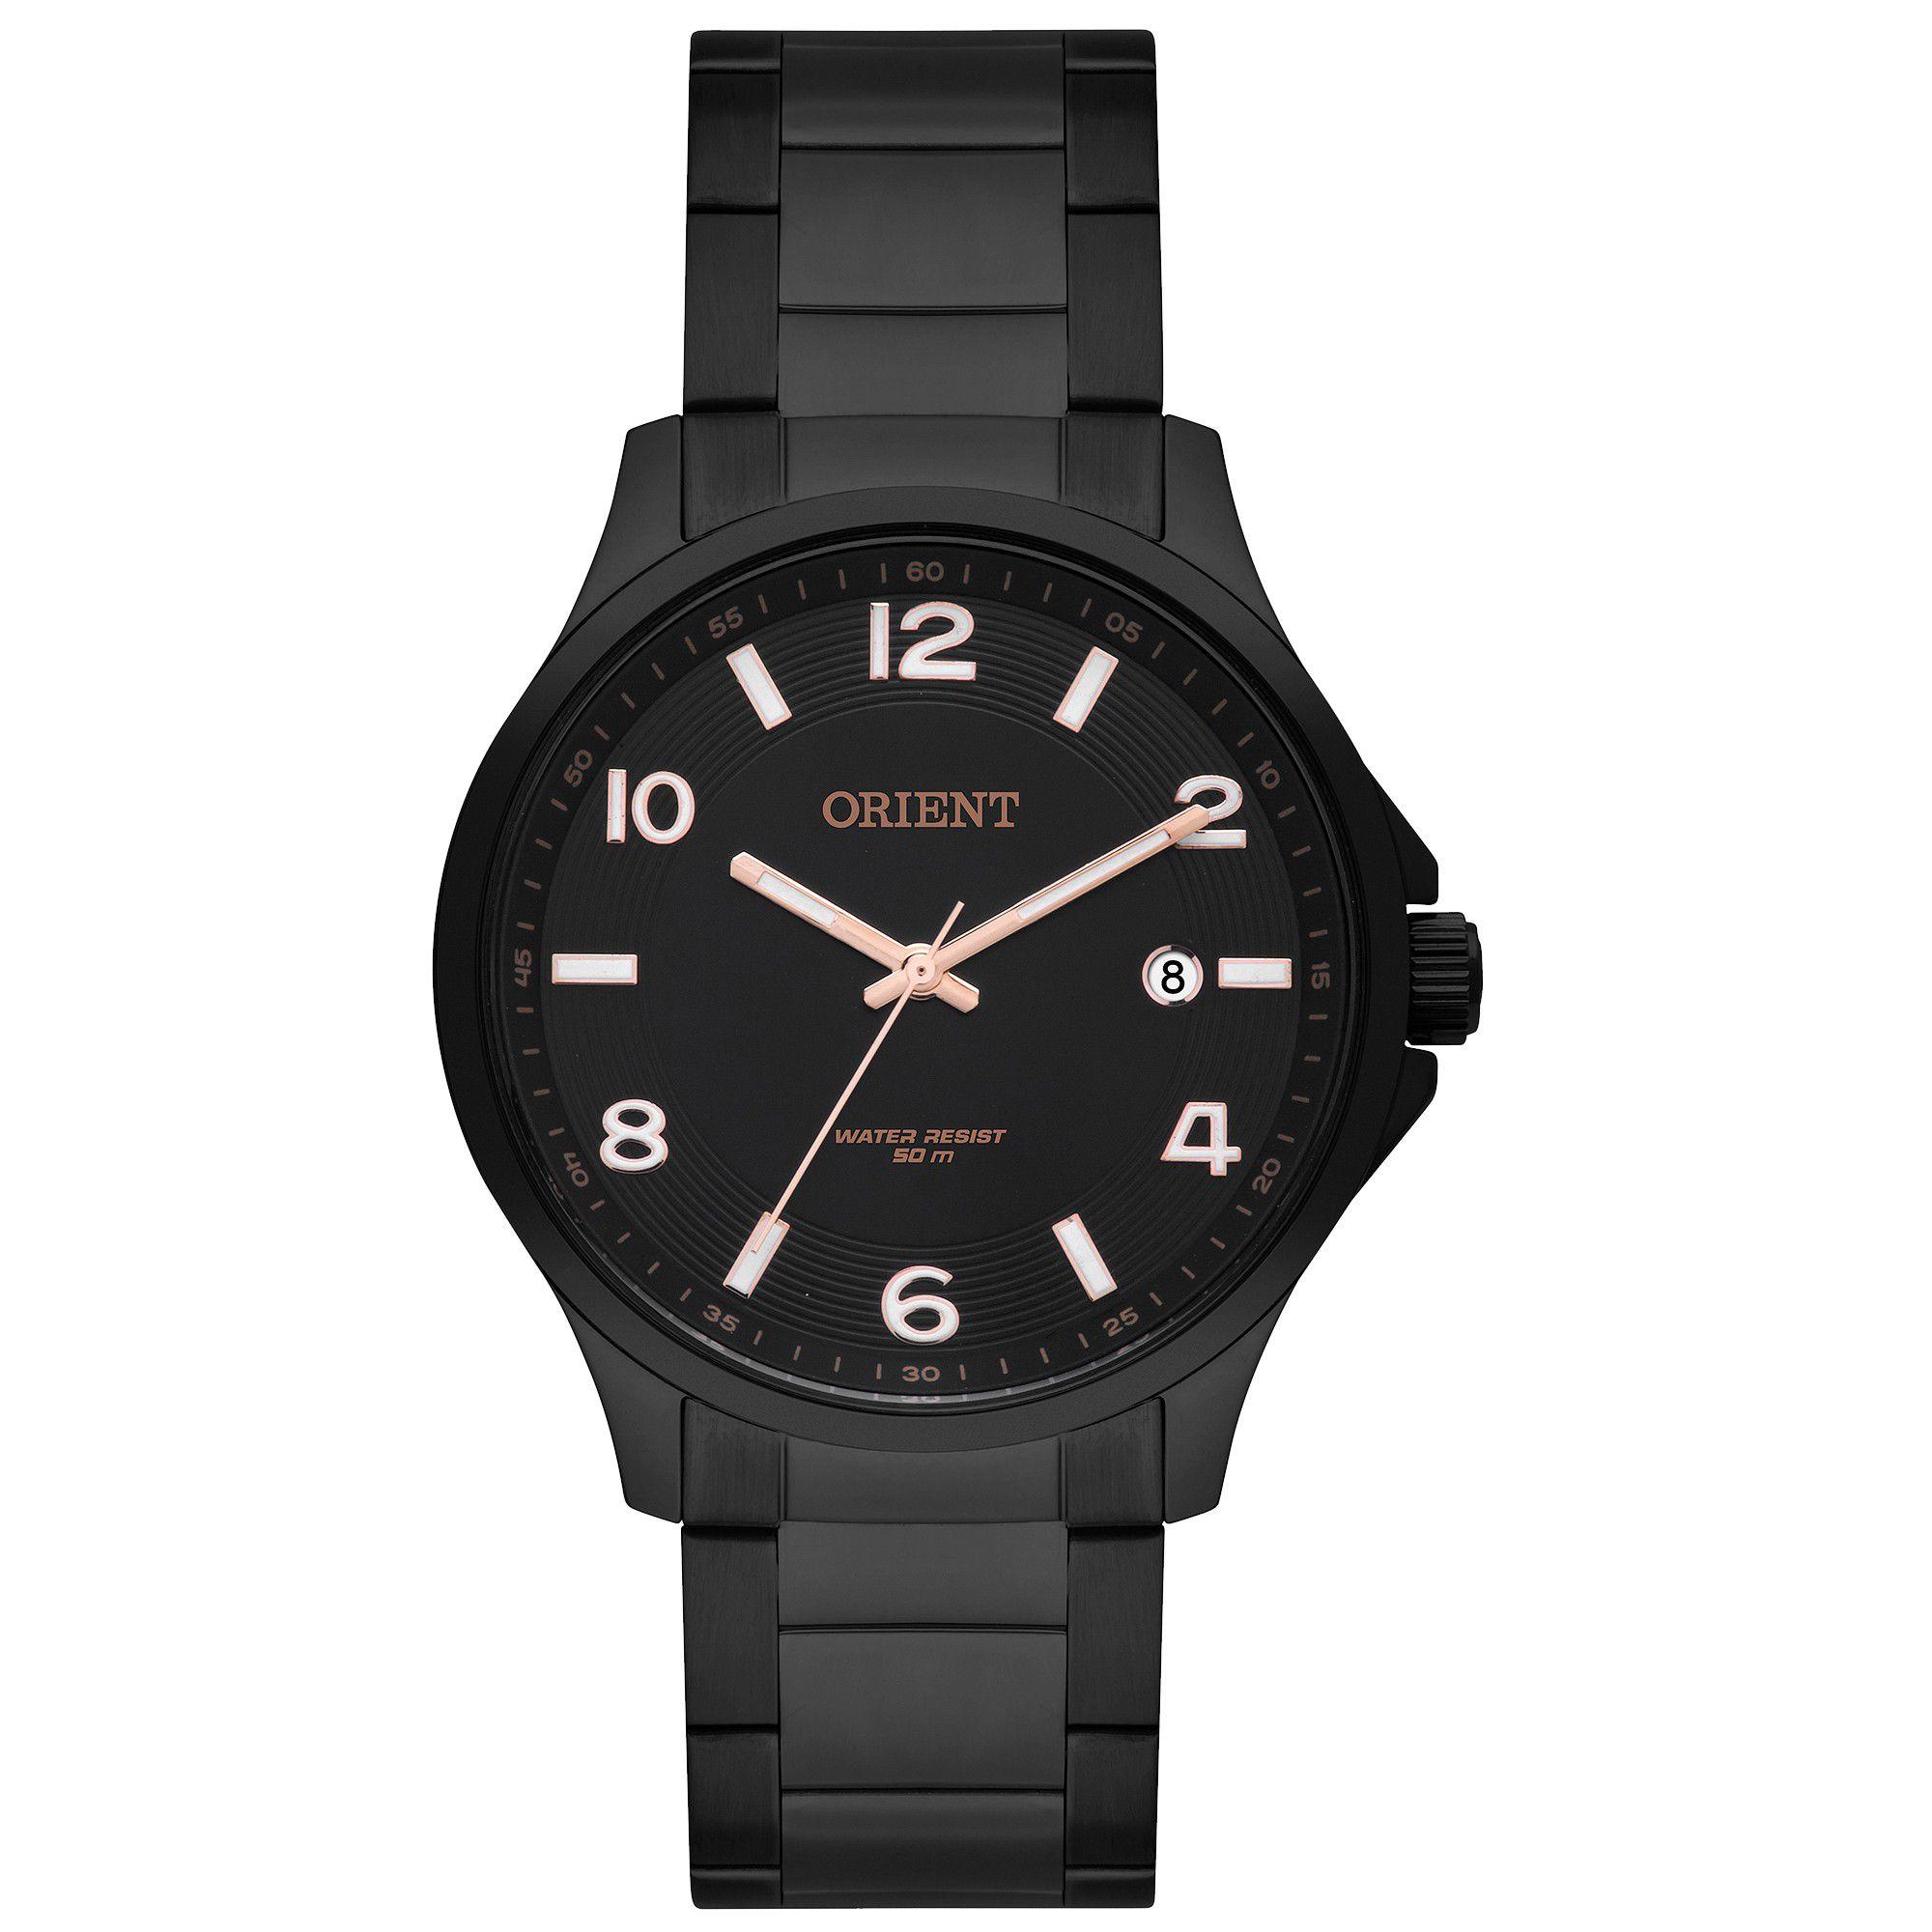 Relógio Feminino Orient FPSS1004 P2PX